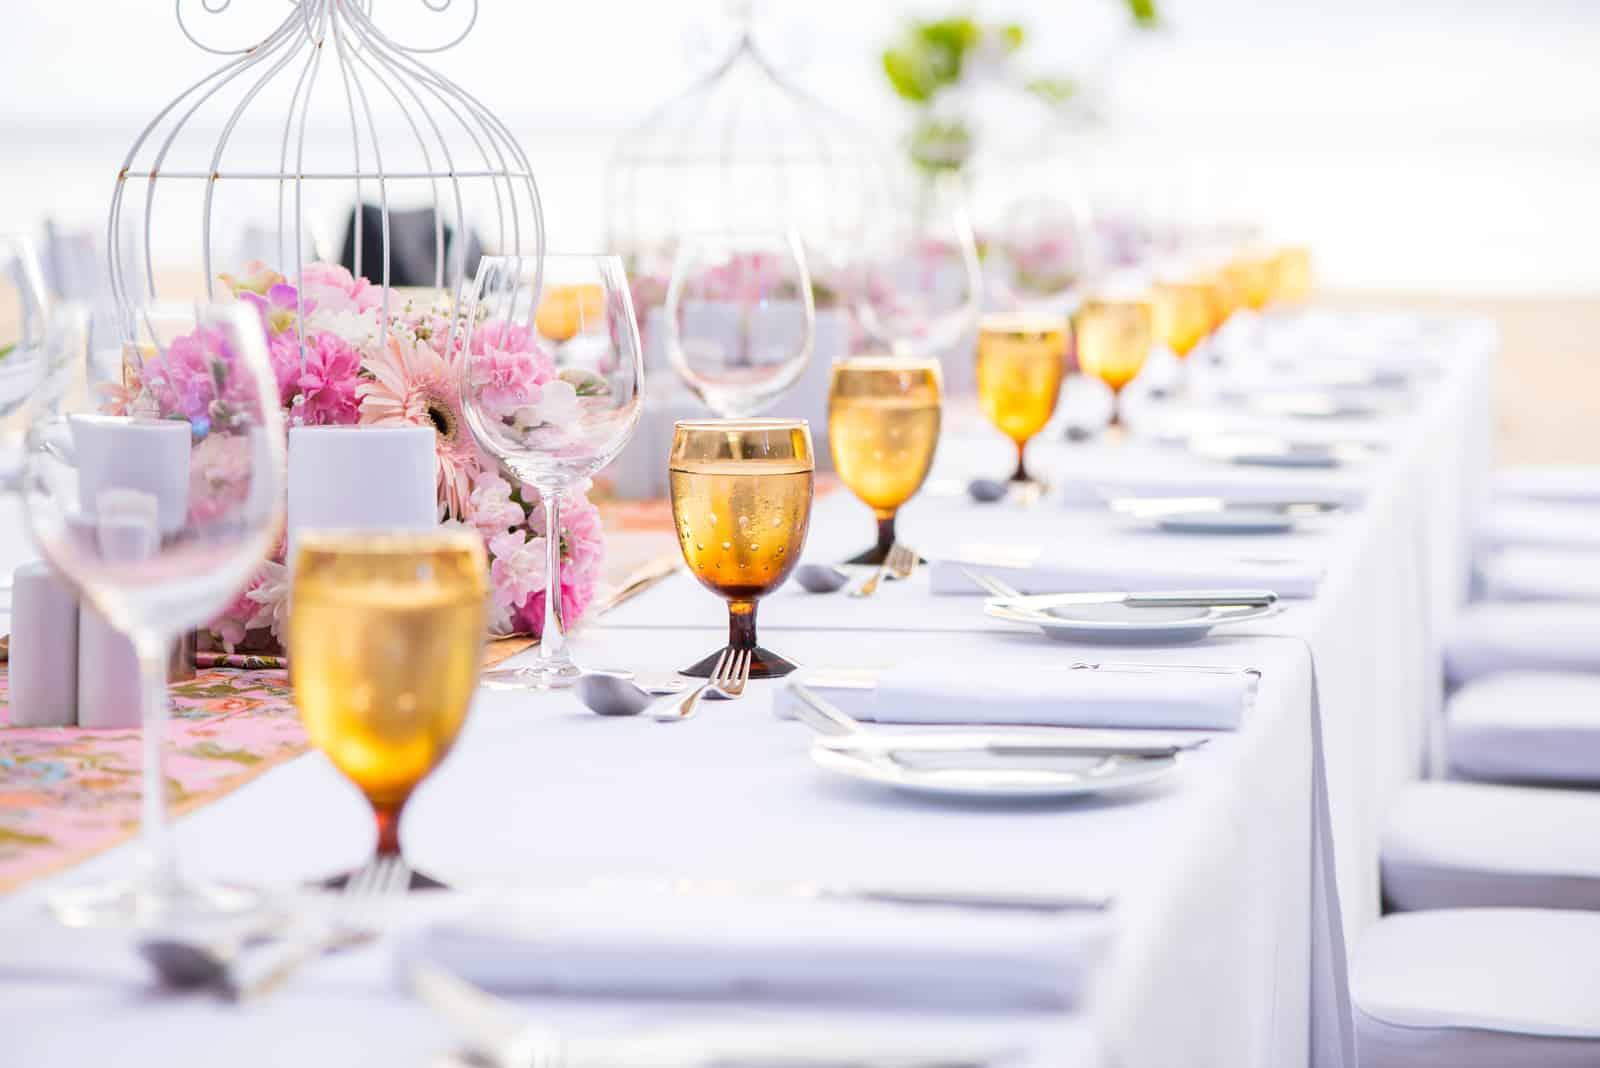 Tischdekoration bei einer Luxushochzeit und schöne Blumen auf dem Tisch